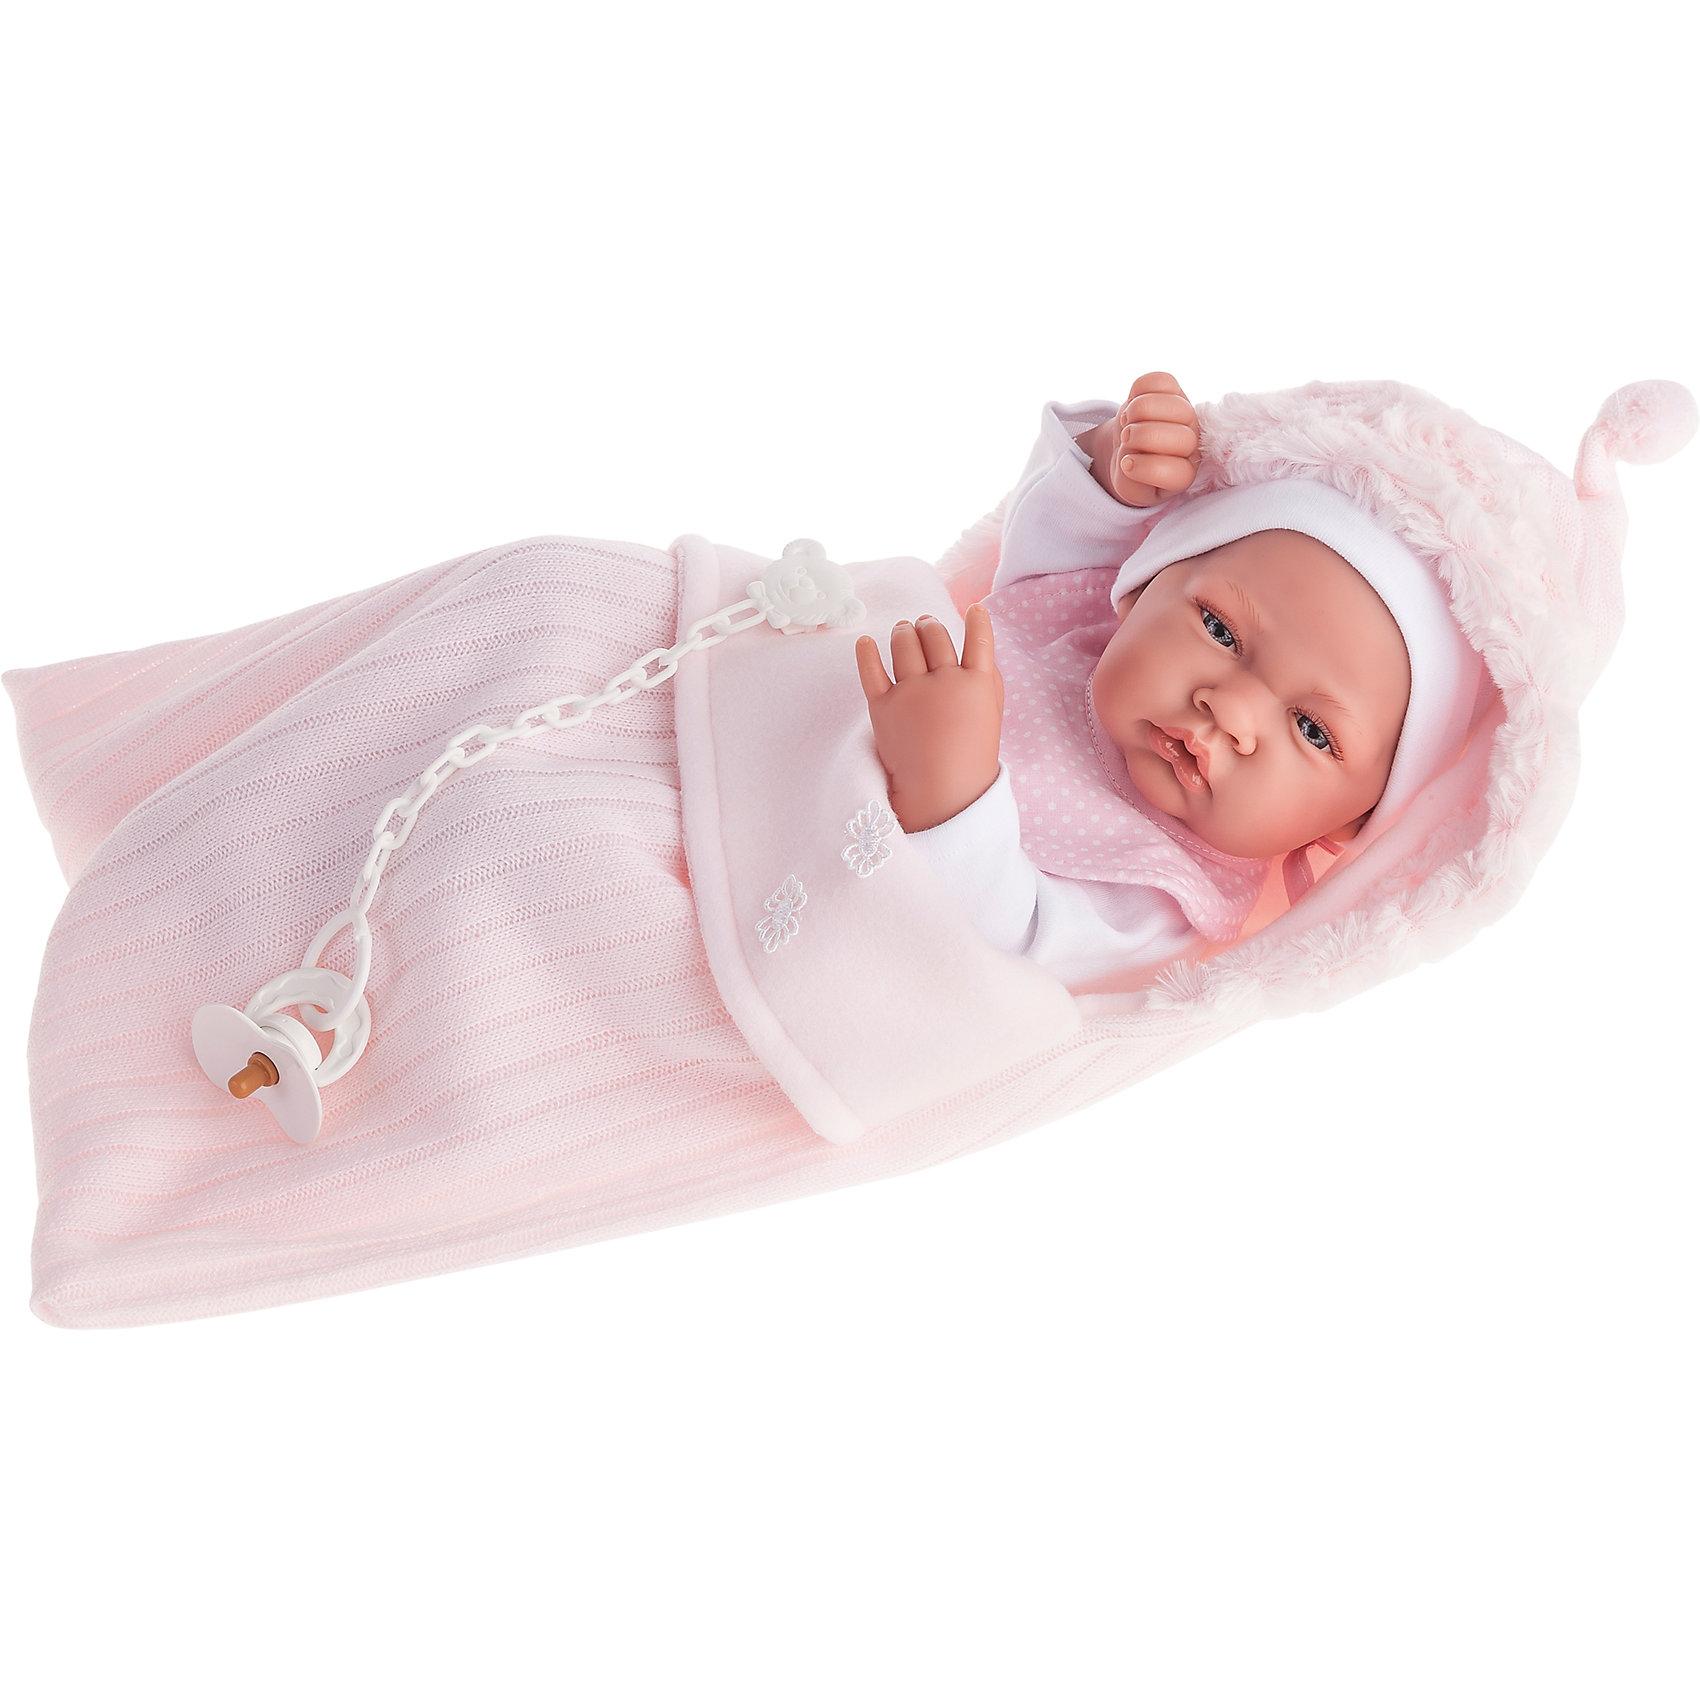 Кукла-младенец девочка Сильвия, 42 см, Munecas Antonio JuanКлассические куклы<br>Кукла-младенец девочка Сильвия, 42 см, Munecas Antonio Juan (Мунекас от Антонио Хуан) ? это очаровательная малышка от всемирно известного испанского бренда Мунекас от Антонио Хуан, который знаменит своими реалистичными куклами. Кукла изготовлена из винила высшего качества, ручки и ножки подвижны, голова поворачивается в стороны, глазки не закрываются. <br>Нежные черты лица, розовые щечки, пухленькие губки, курносый носик.  <br>Кукла-младенец девочка Сильвия, 42 см, Munecas Antonio Juan (Мунекас от Антонио Хуан) разработана с учетом анатомических особенностей и мимики младенцев. Играя с пупсом, ваш ребенок реалистично проживает роль «мамы», учится ухаживать за малышом, заботиться о нем.<br>У Сильвии стильный наряд: белый комбинезончик с розовой манишкой, в комплекте идет мягкий розовый конверт с капюшоном.<br>Куклы JUAN ANTONIO munecas (Мунекас от Антонио Хуан) ? мечта девочки любого возраста!<br><br>Дополнительная информация:<br><br>- Вид игр: сюжетно-ролевые игры <br>- Комплектация: кукла, мягкий конверт, соска<br>- Материал: винил, текстиль<br>- Высота куклы: 42 см<br>- Вес: 7 кг 500 г<br>- Особенности ухода: одежда ? ручная стирка, куклу можно купать <br><br>Подробнее:<br><br>• Для детей в возрасте: от 3 лет и до 6 лет<br>• Страна производитель: Испания<br>• Торговый бренд: JUAN ANTONIO munecas <br><br>Куклу-младенца девочку Сильвию, 42 см, Munecas Antonio Juan (Мунекас от Антонио Хуан) (Мунекас от Антонио Хуан) можно купить в нашем интернет-магазине.<br><br>Ширина мм: 505<br>Глубина мм: 265<br>Высота мм: 160<br>Вес г: 7500<br>Возраст от месяцев: 36<br>Возраст до месяцев: 72<br>Пол: Женский<br>Возраст: Детский<br>SKU: 4792897